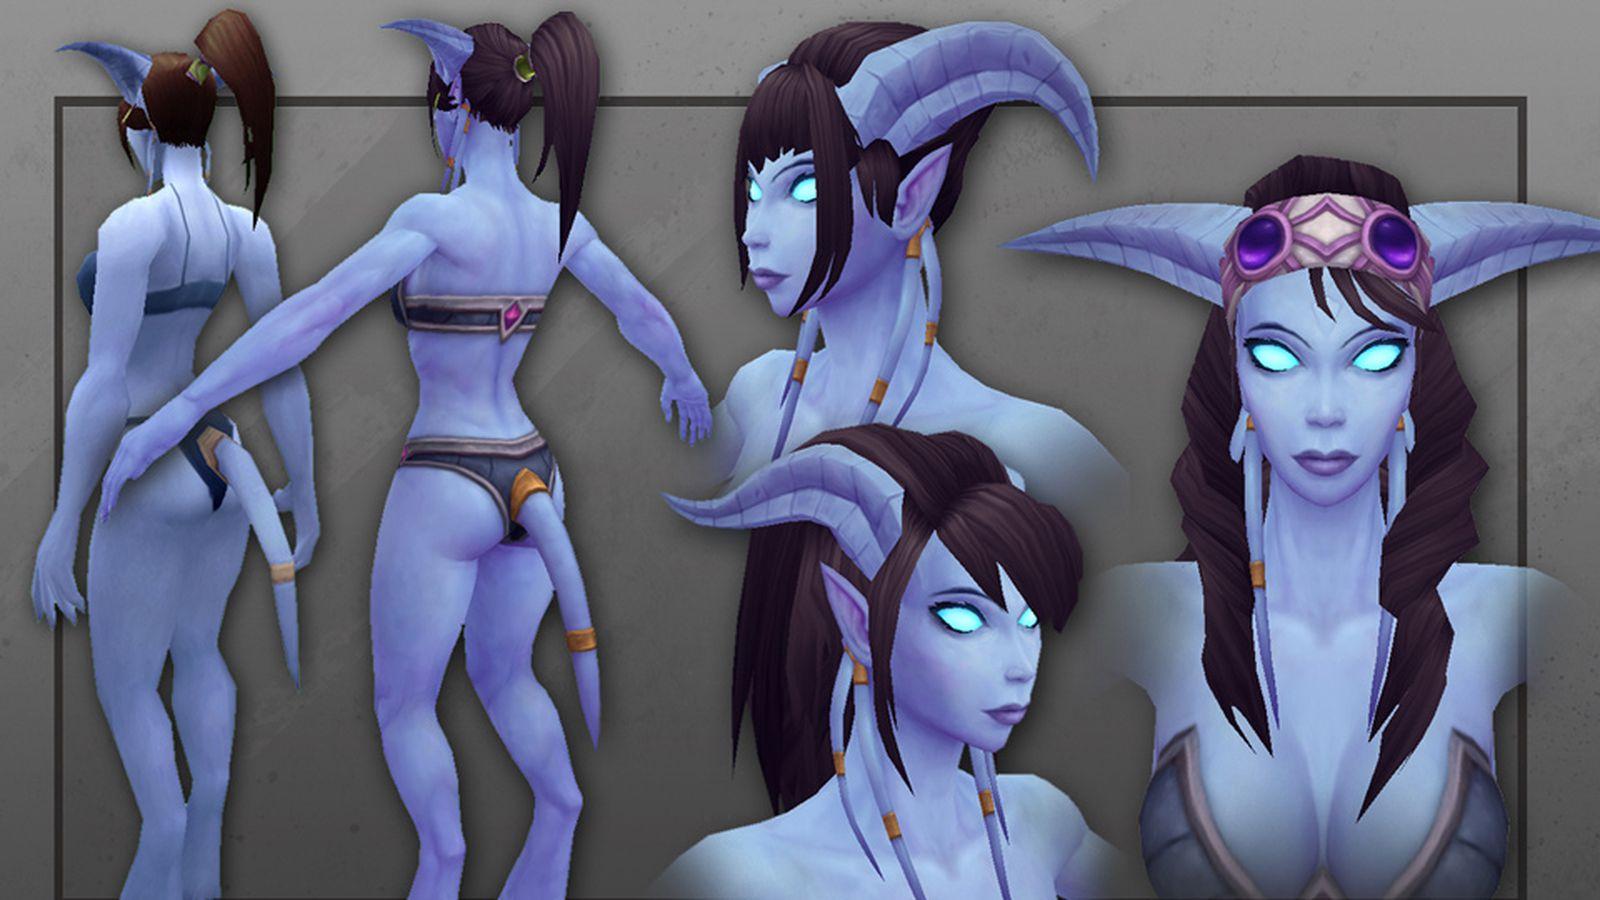 3dpornxxx sexy image